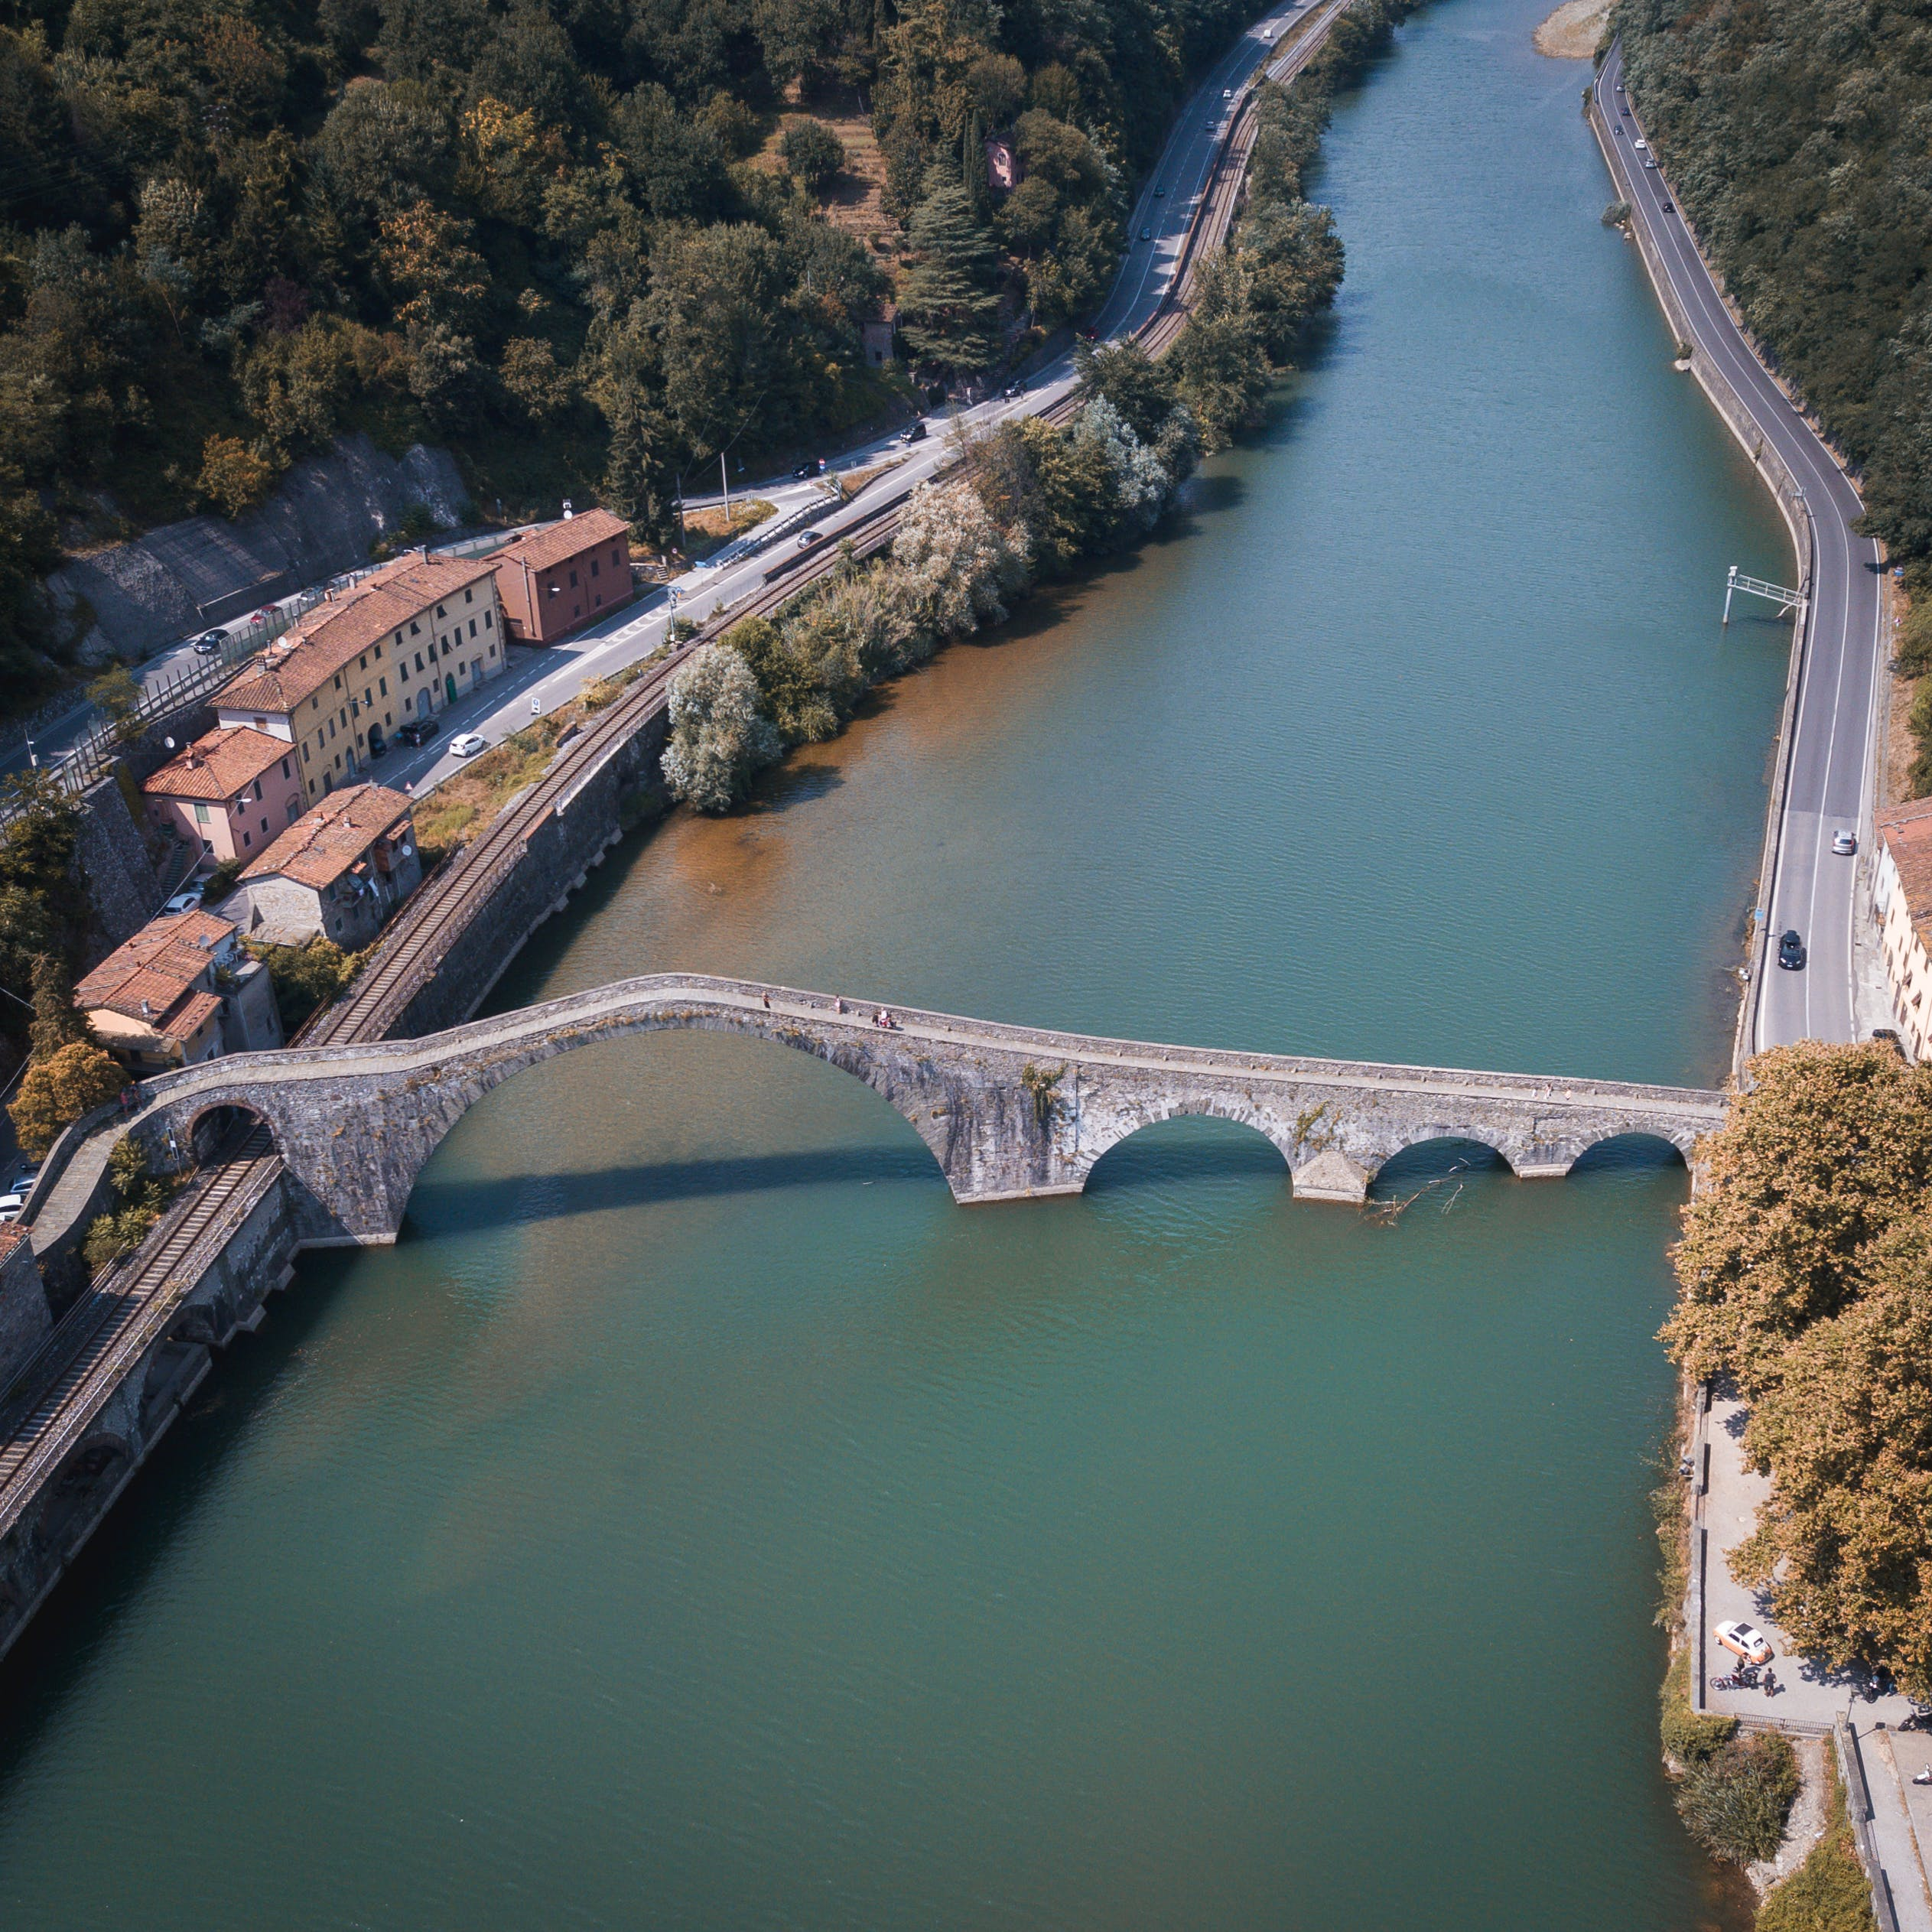 Kostenloses Stock Foto zu landschaft, wasser, brücke, italien